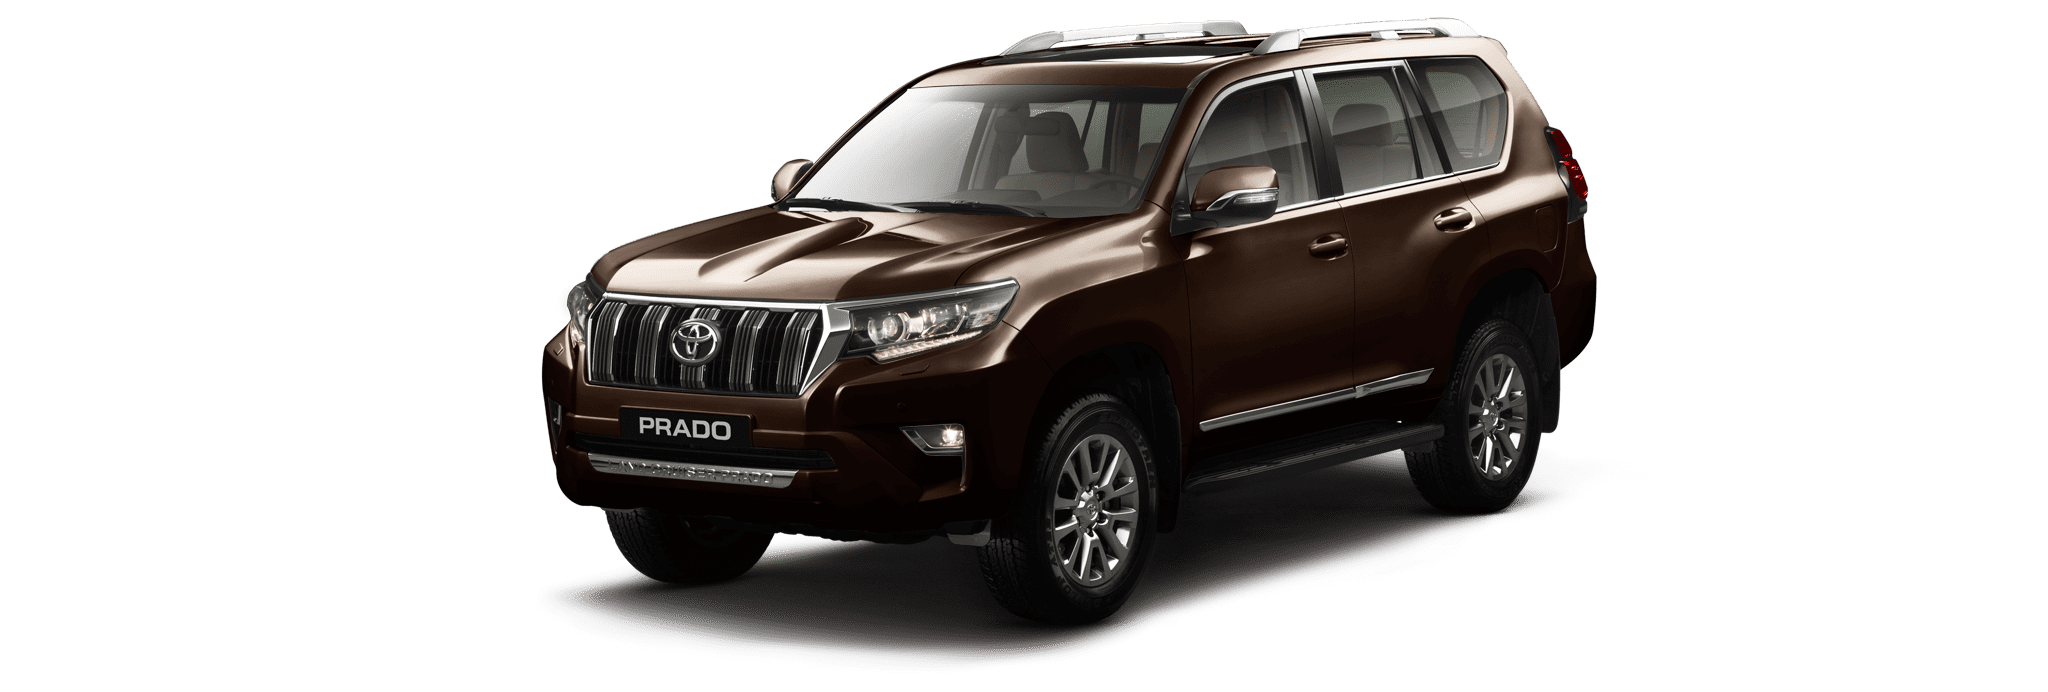 تويوتا برادو(TXL1 (V6 الجديدة 2019